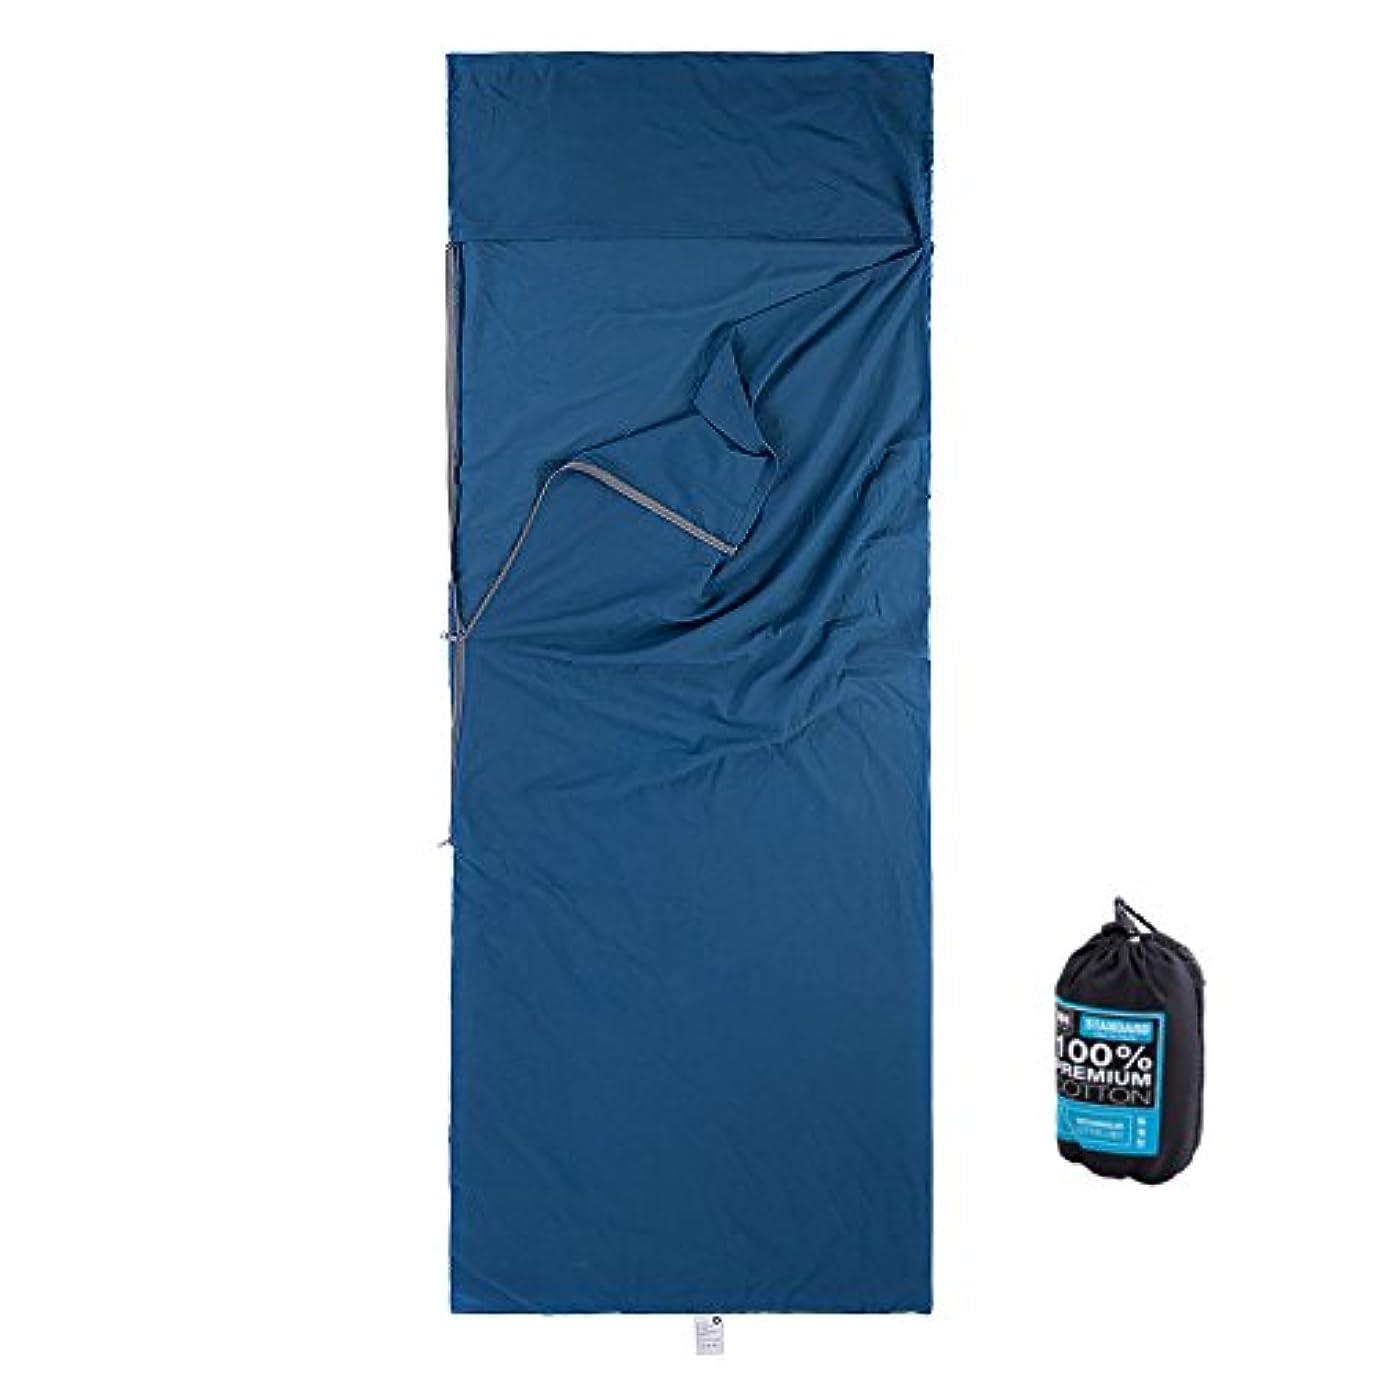 憂慮すべきテラス湿地NatureHike(ネイチャーハイク) 寝袋ライナー スリープサック コットンライナー [一人用]Mサイズ/ブルー【正規品】 NH15S012-D-M/BL